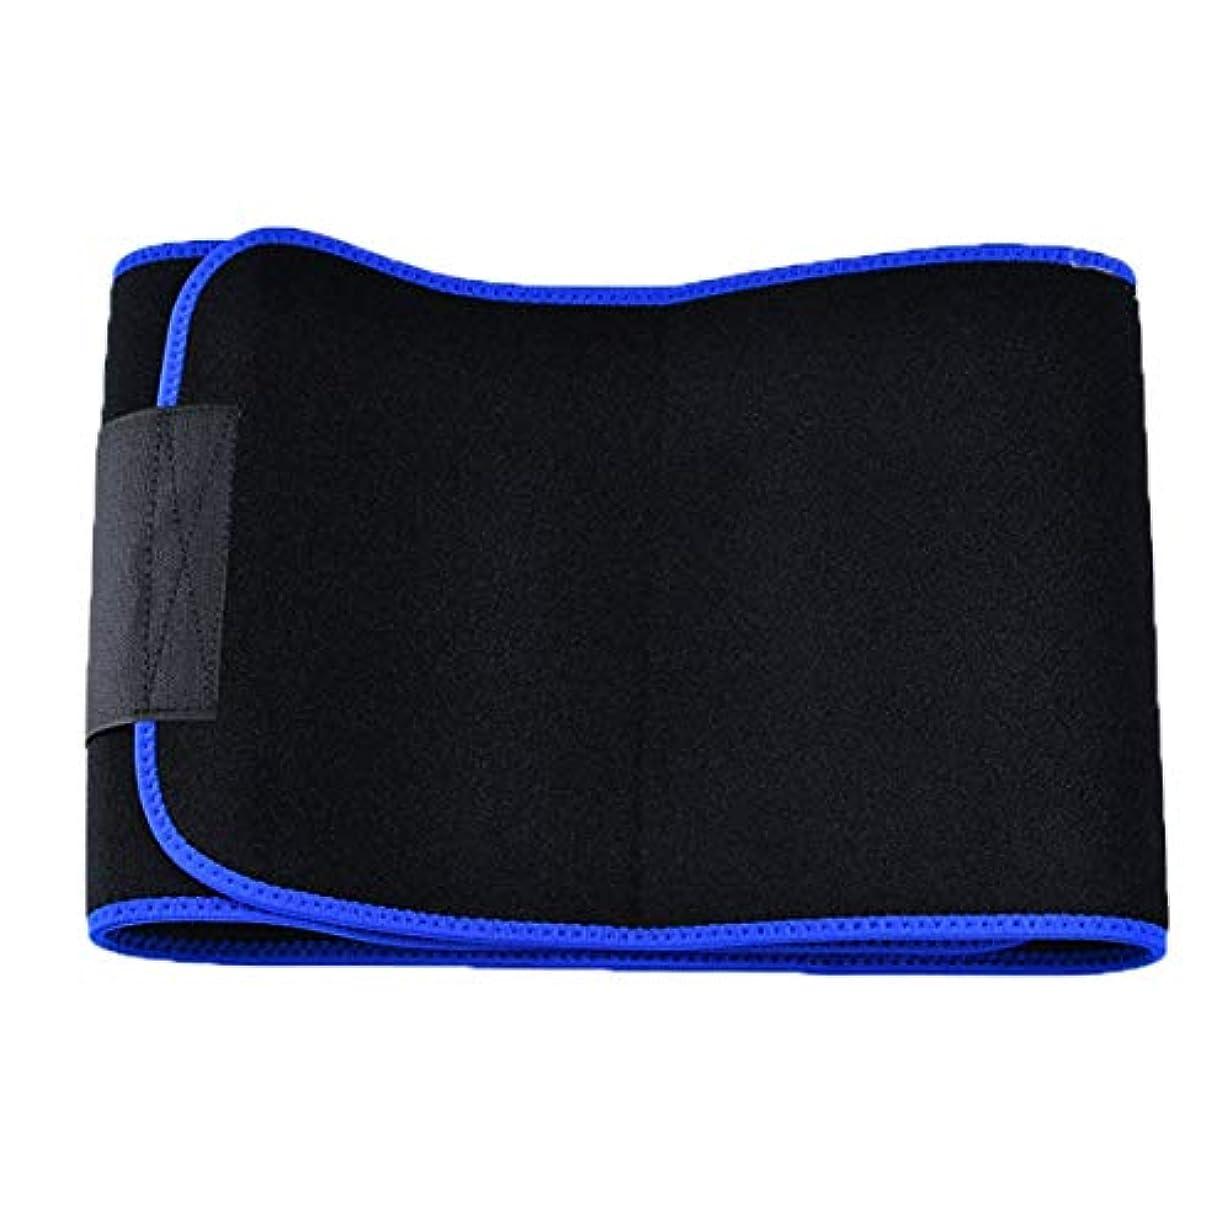 忘れる立ち寄る割り当てます腹部プラスチックベルトウエストサポートボディシェイパートレーニングコルセット痩身ウエストベルトスリム汗スポーツ保護具